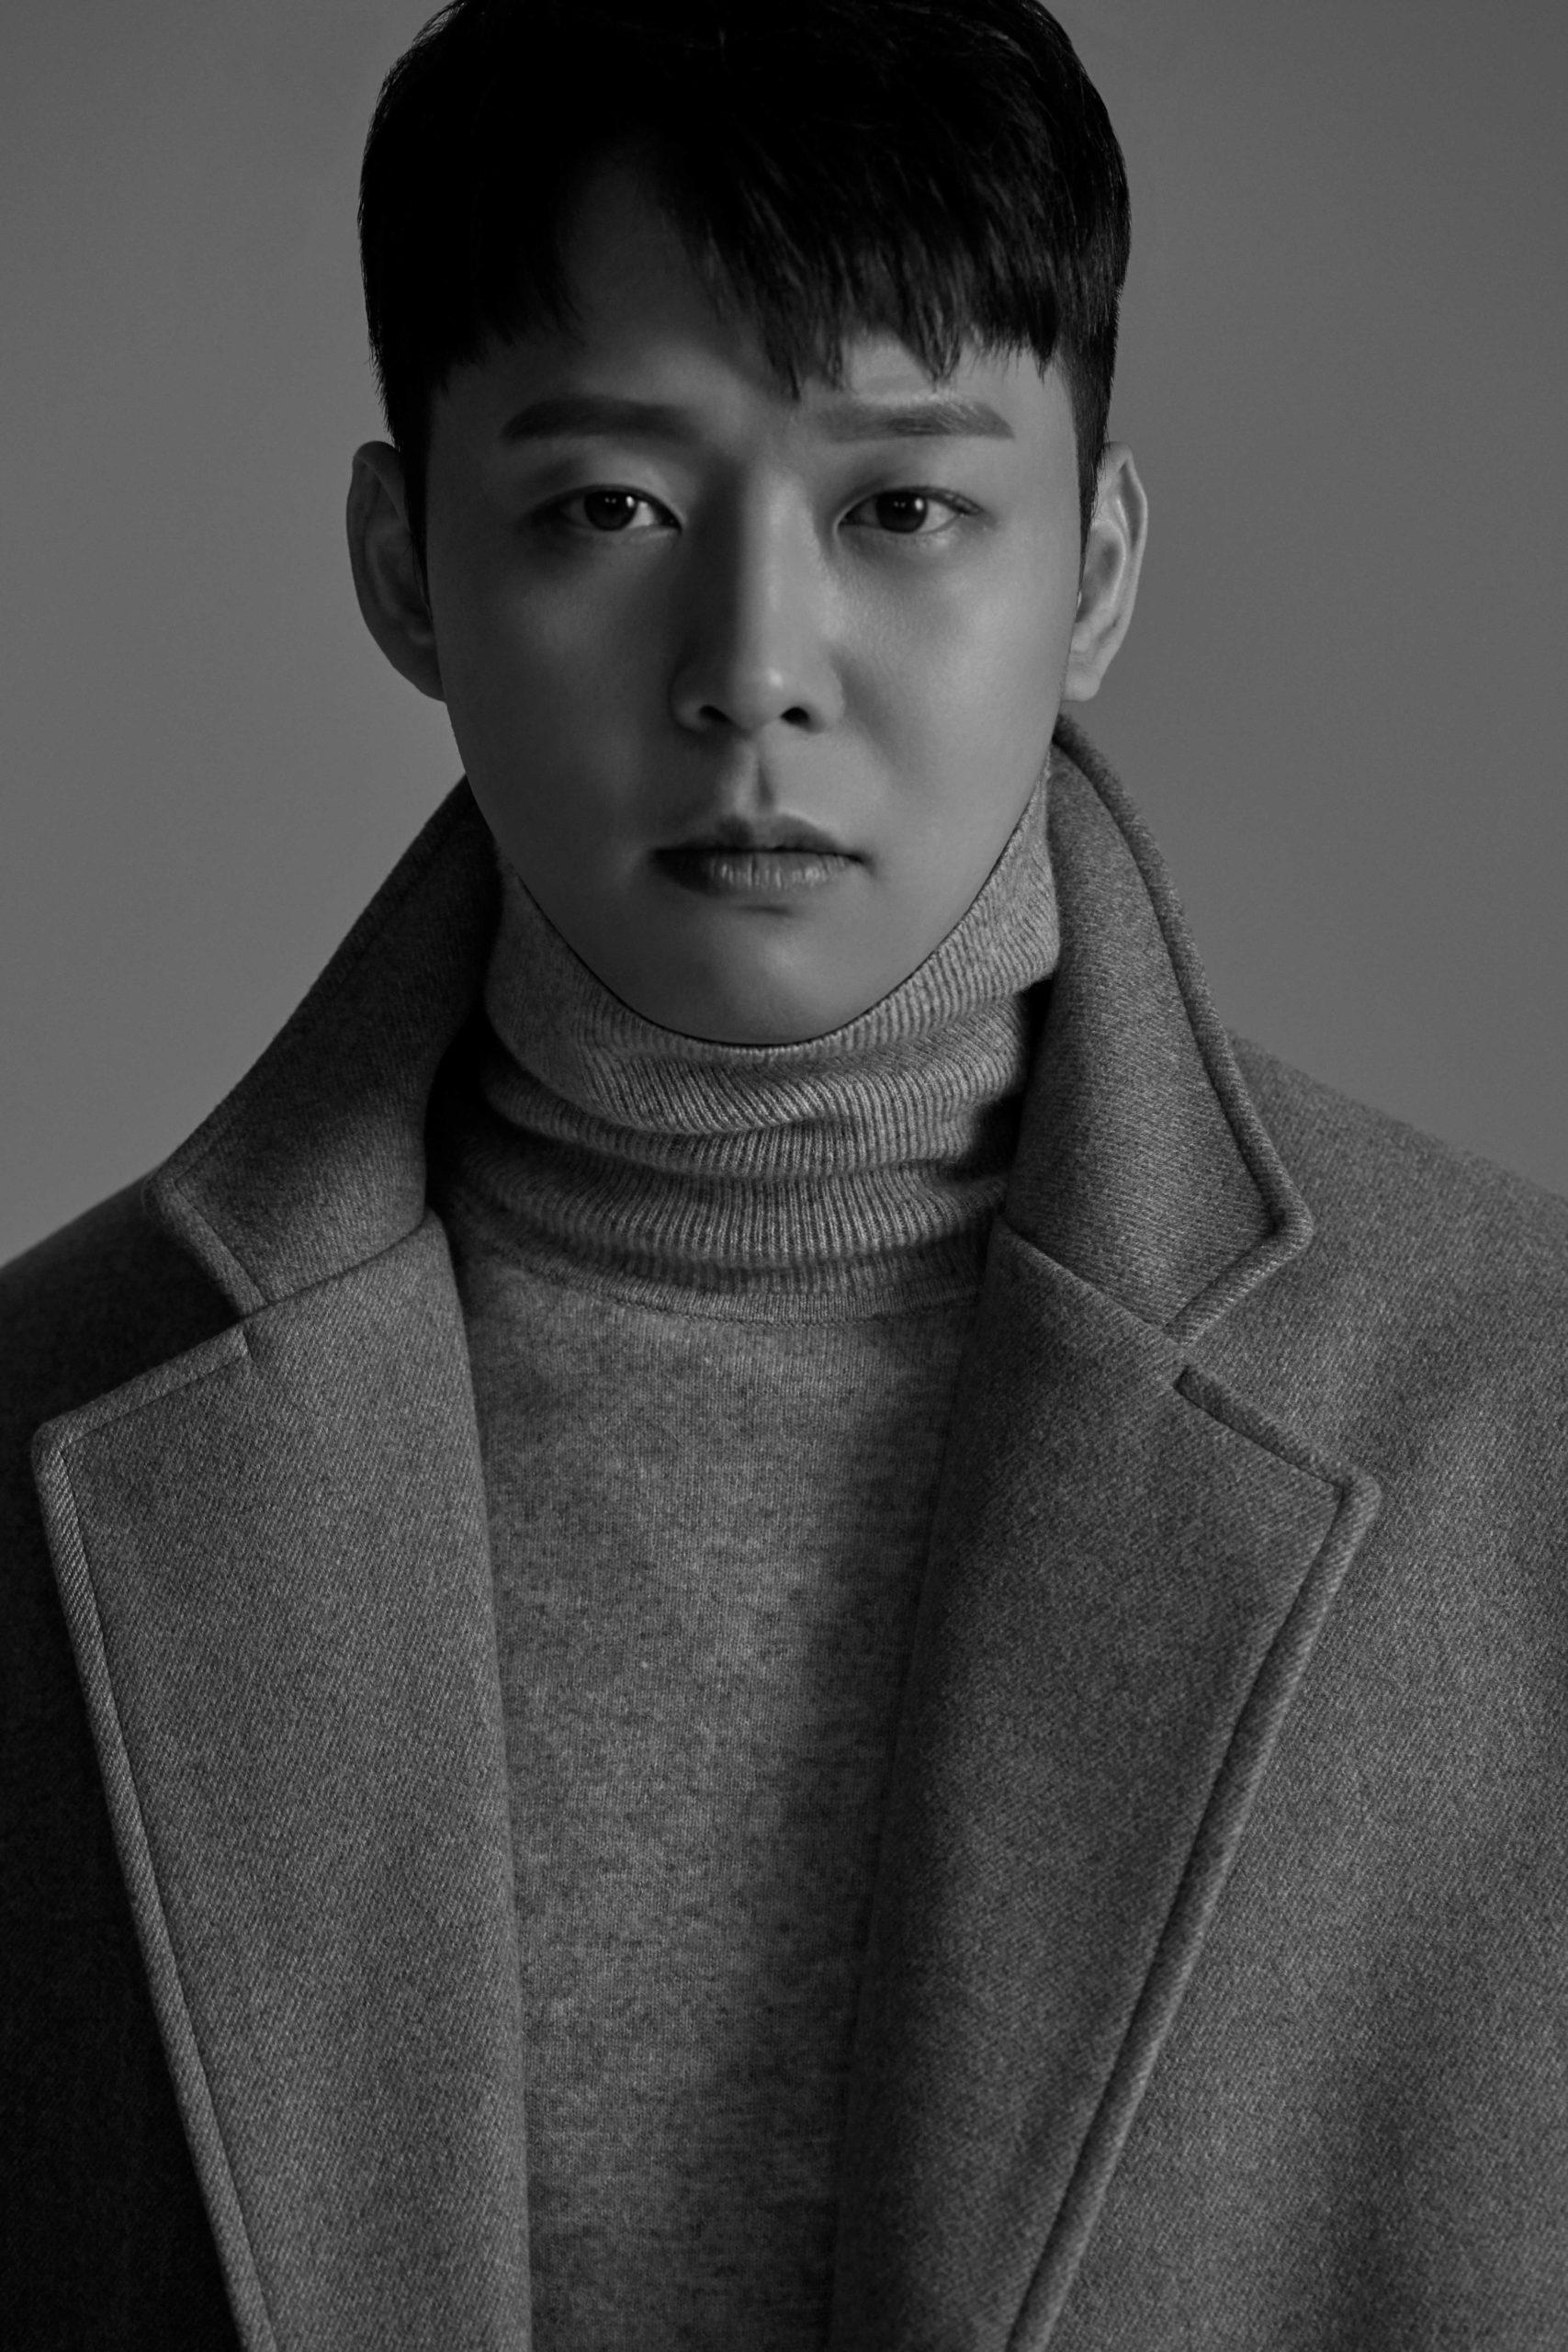 박유천 공식 SNS 채널 오픈